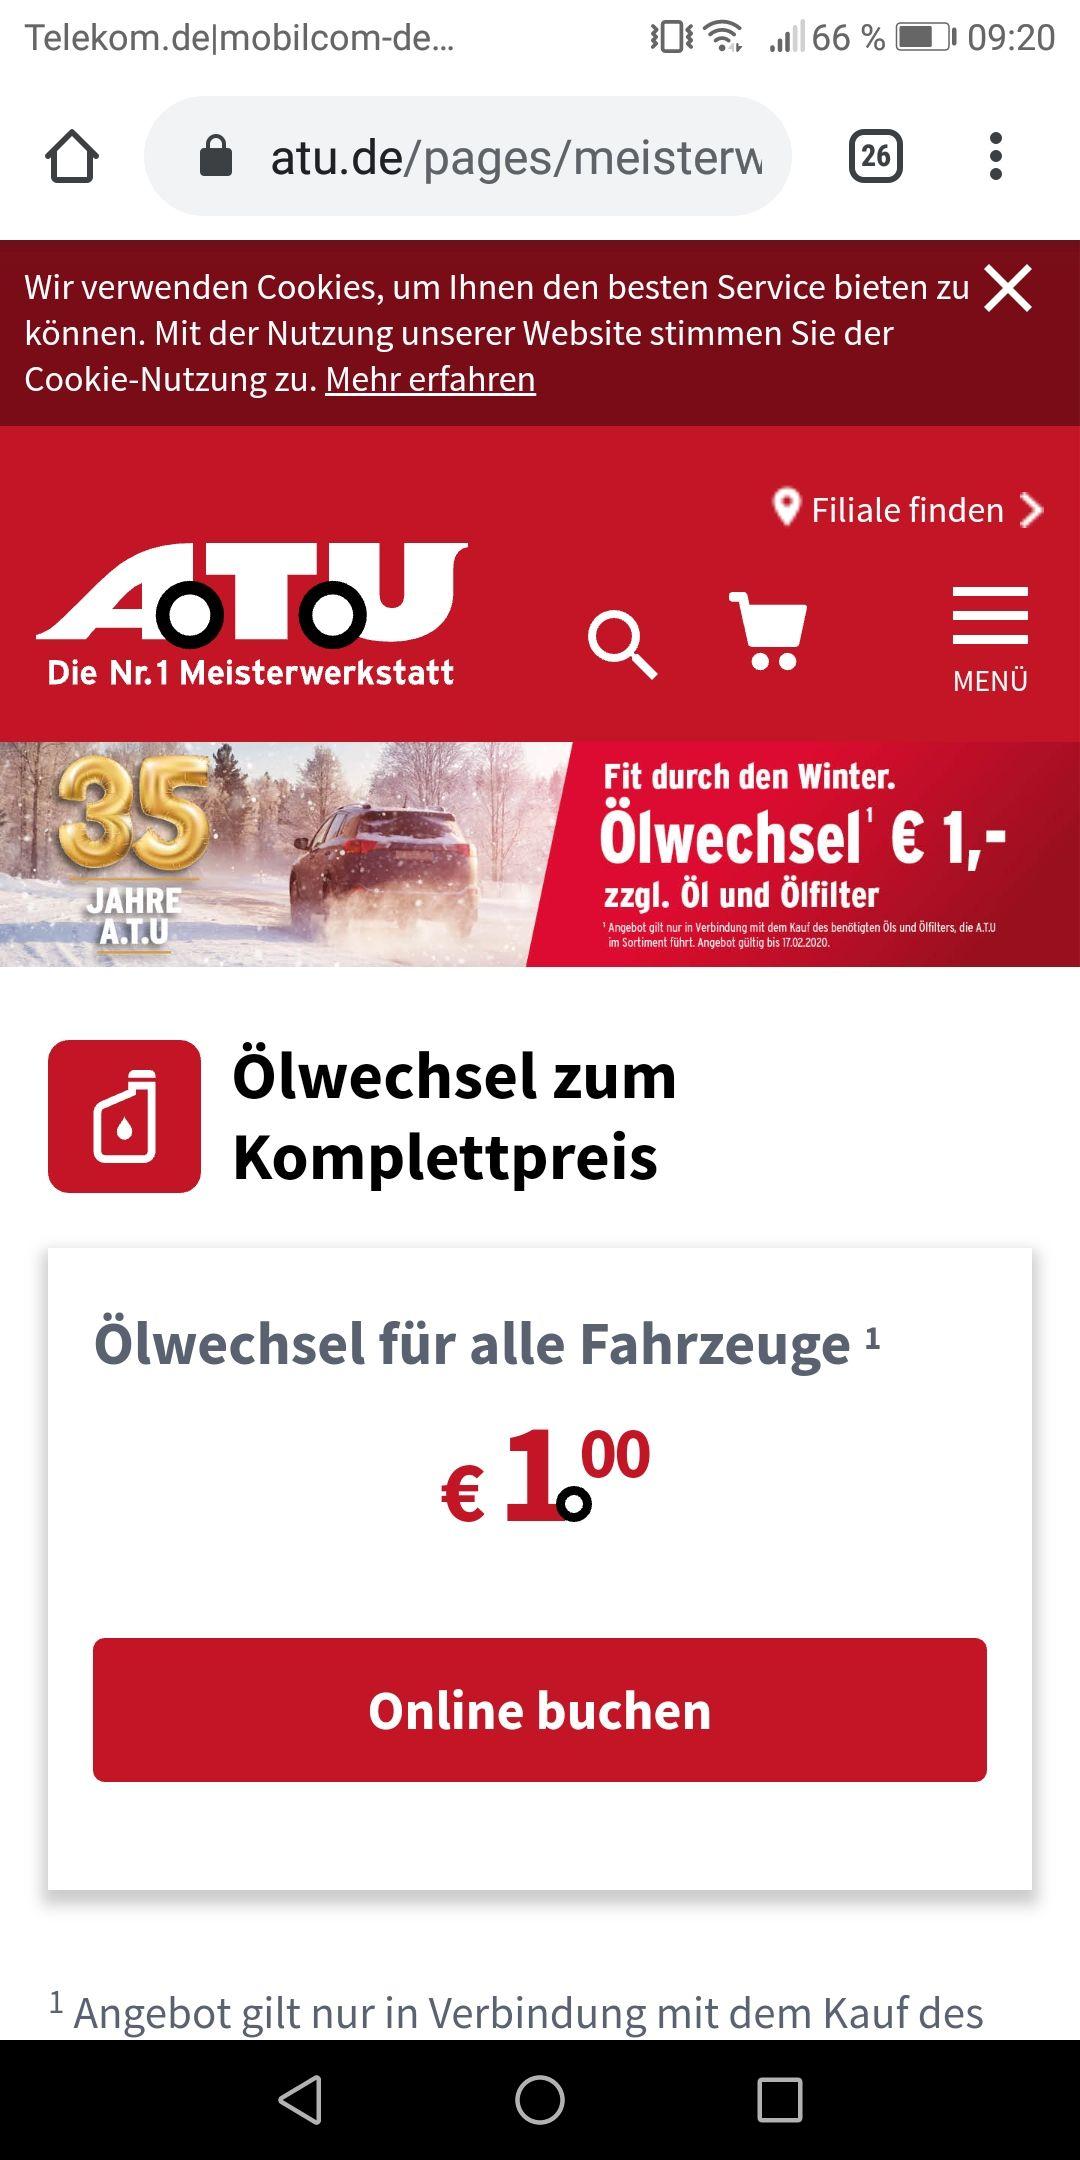 Ölwechsel bei ATU nur 1 € (zzgl. Öl und Ölfilter)